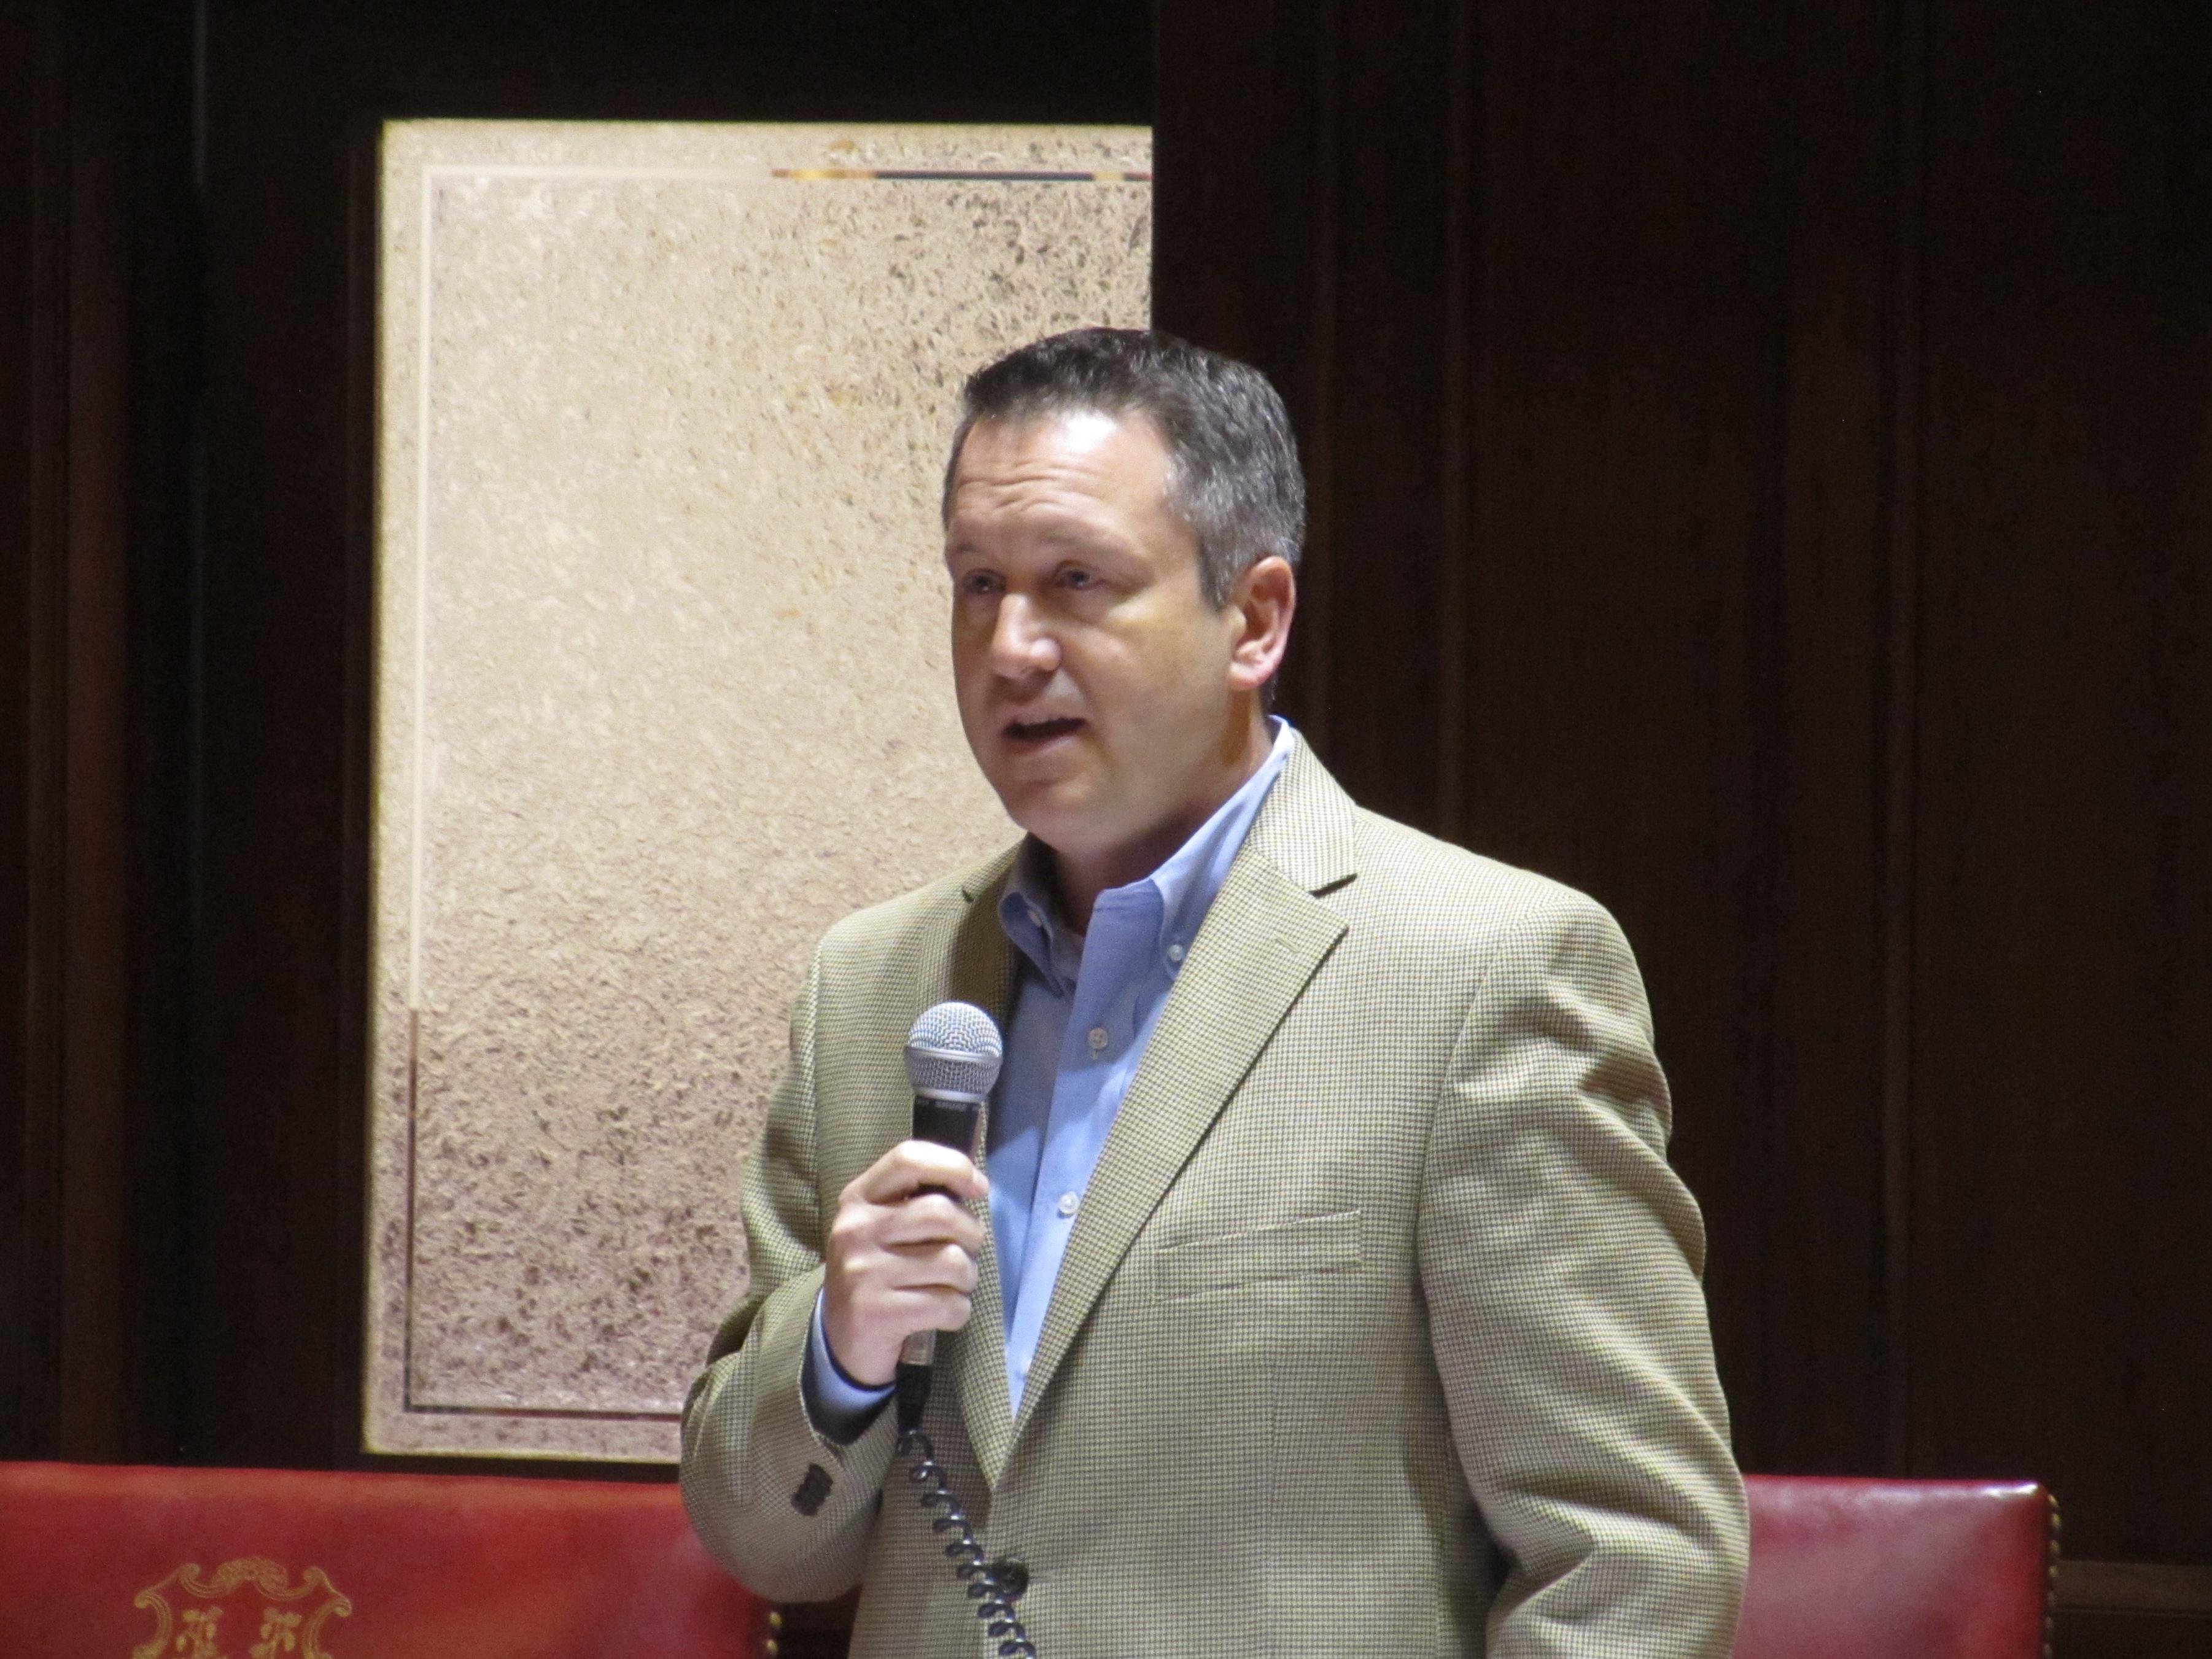 Sen. Rob Kane, R-Watertown